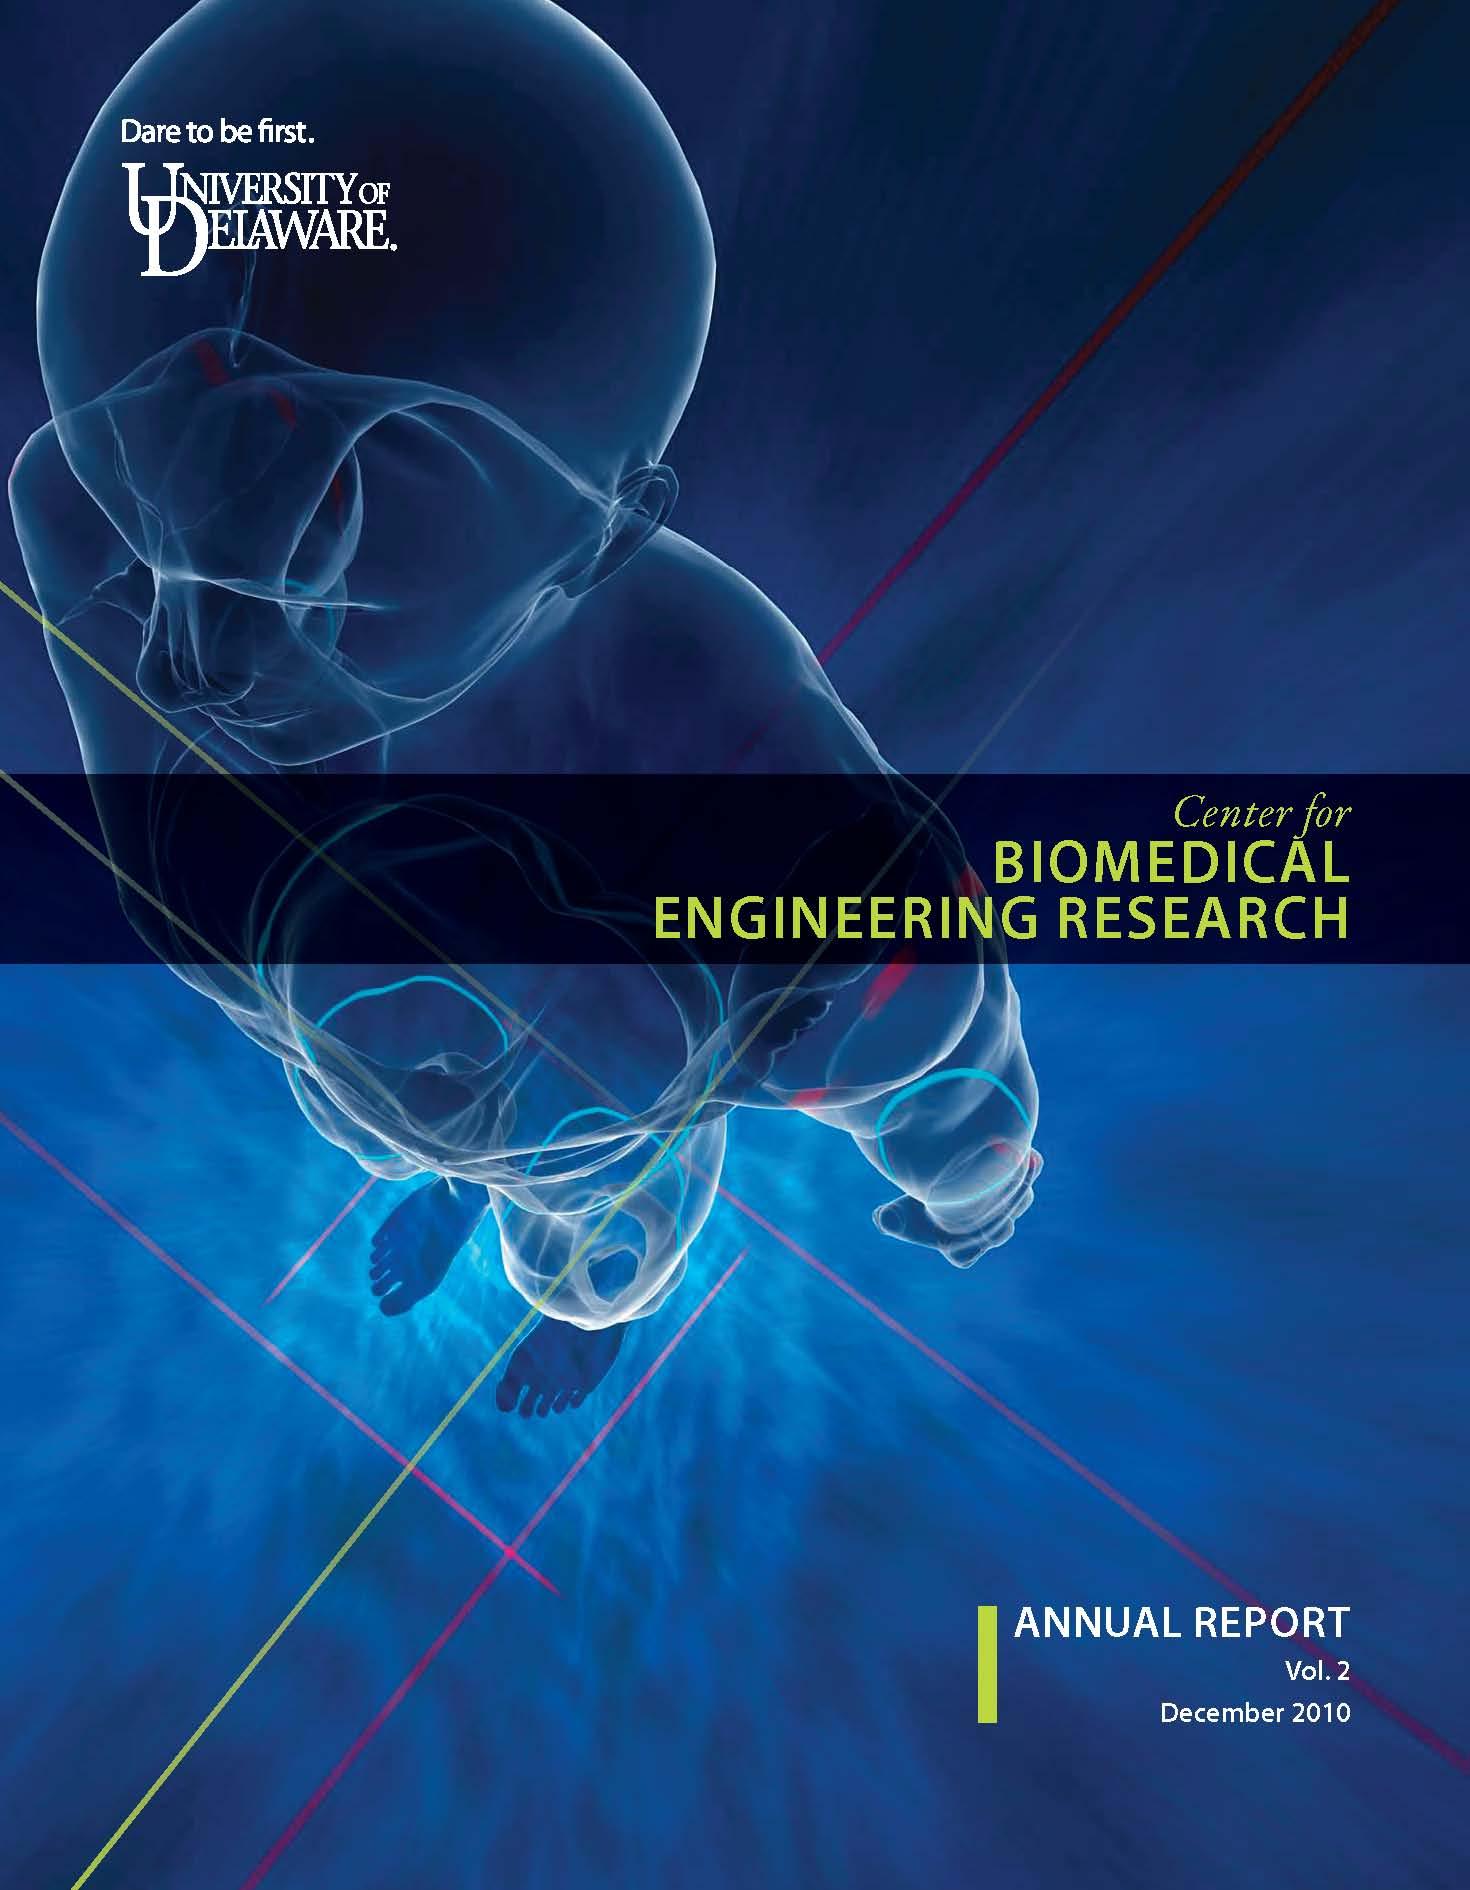 CBER annual report volume 2